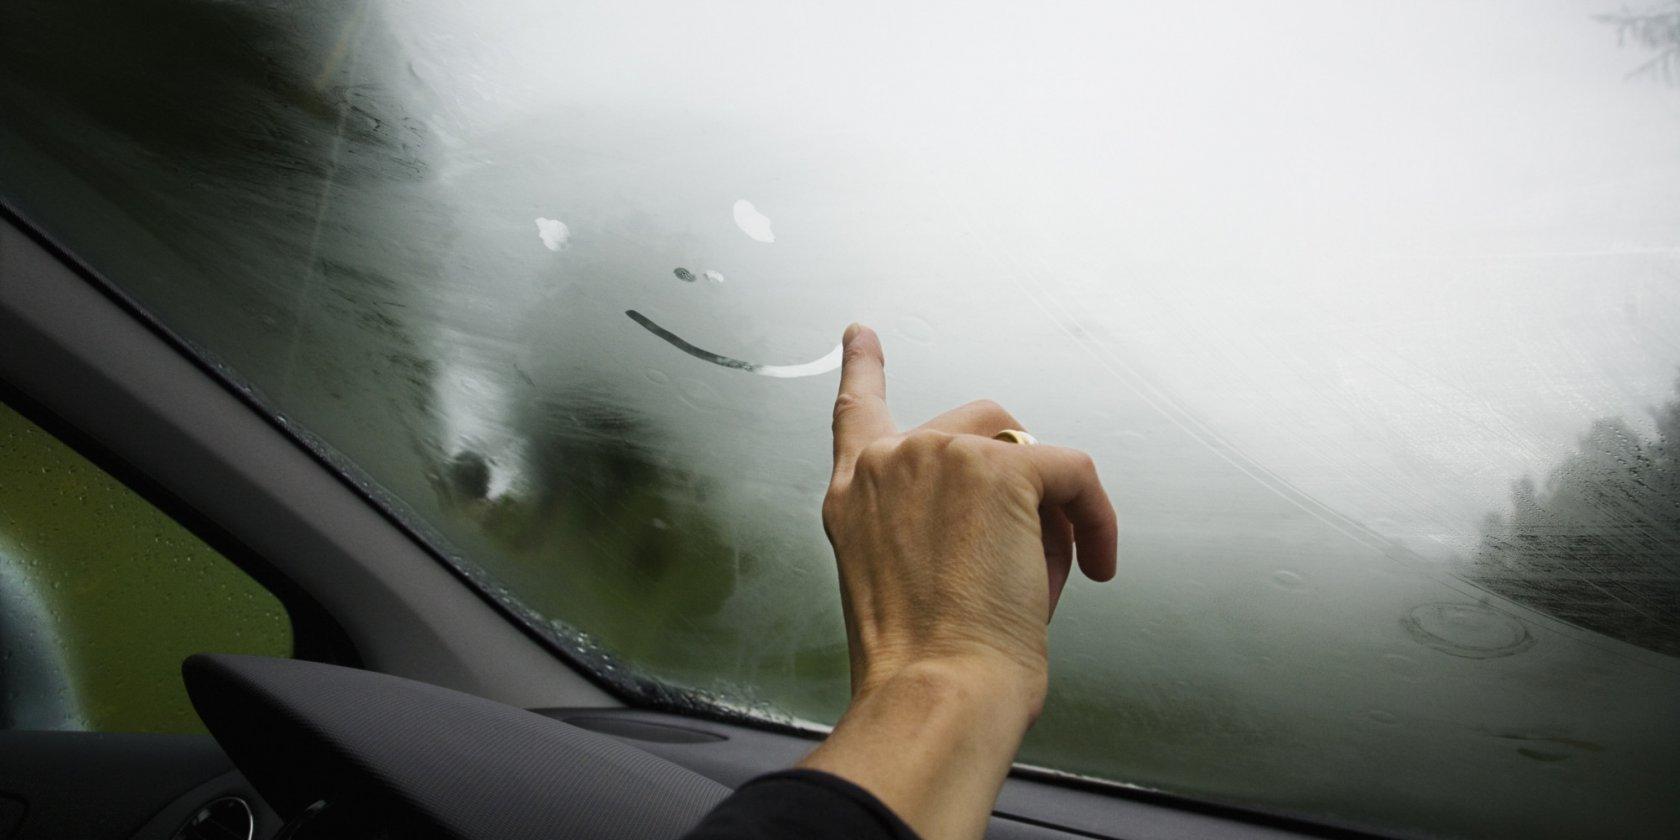 Почему в машине изнутри запотевают стекла и что делать, чтобы устранить проблему